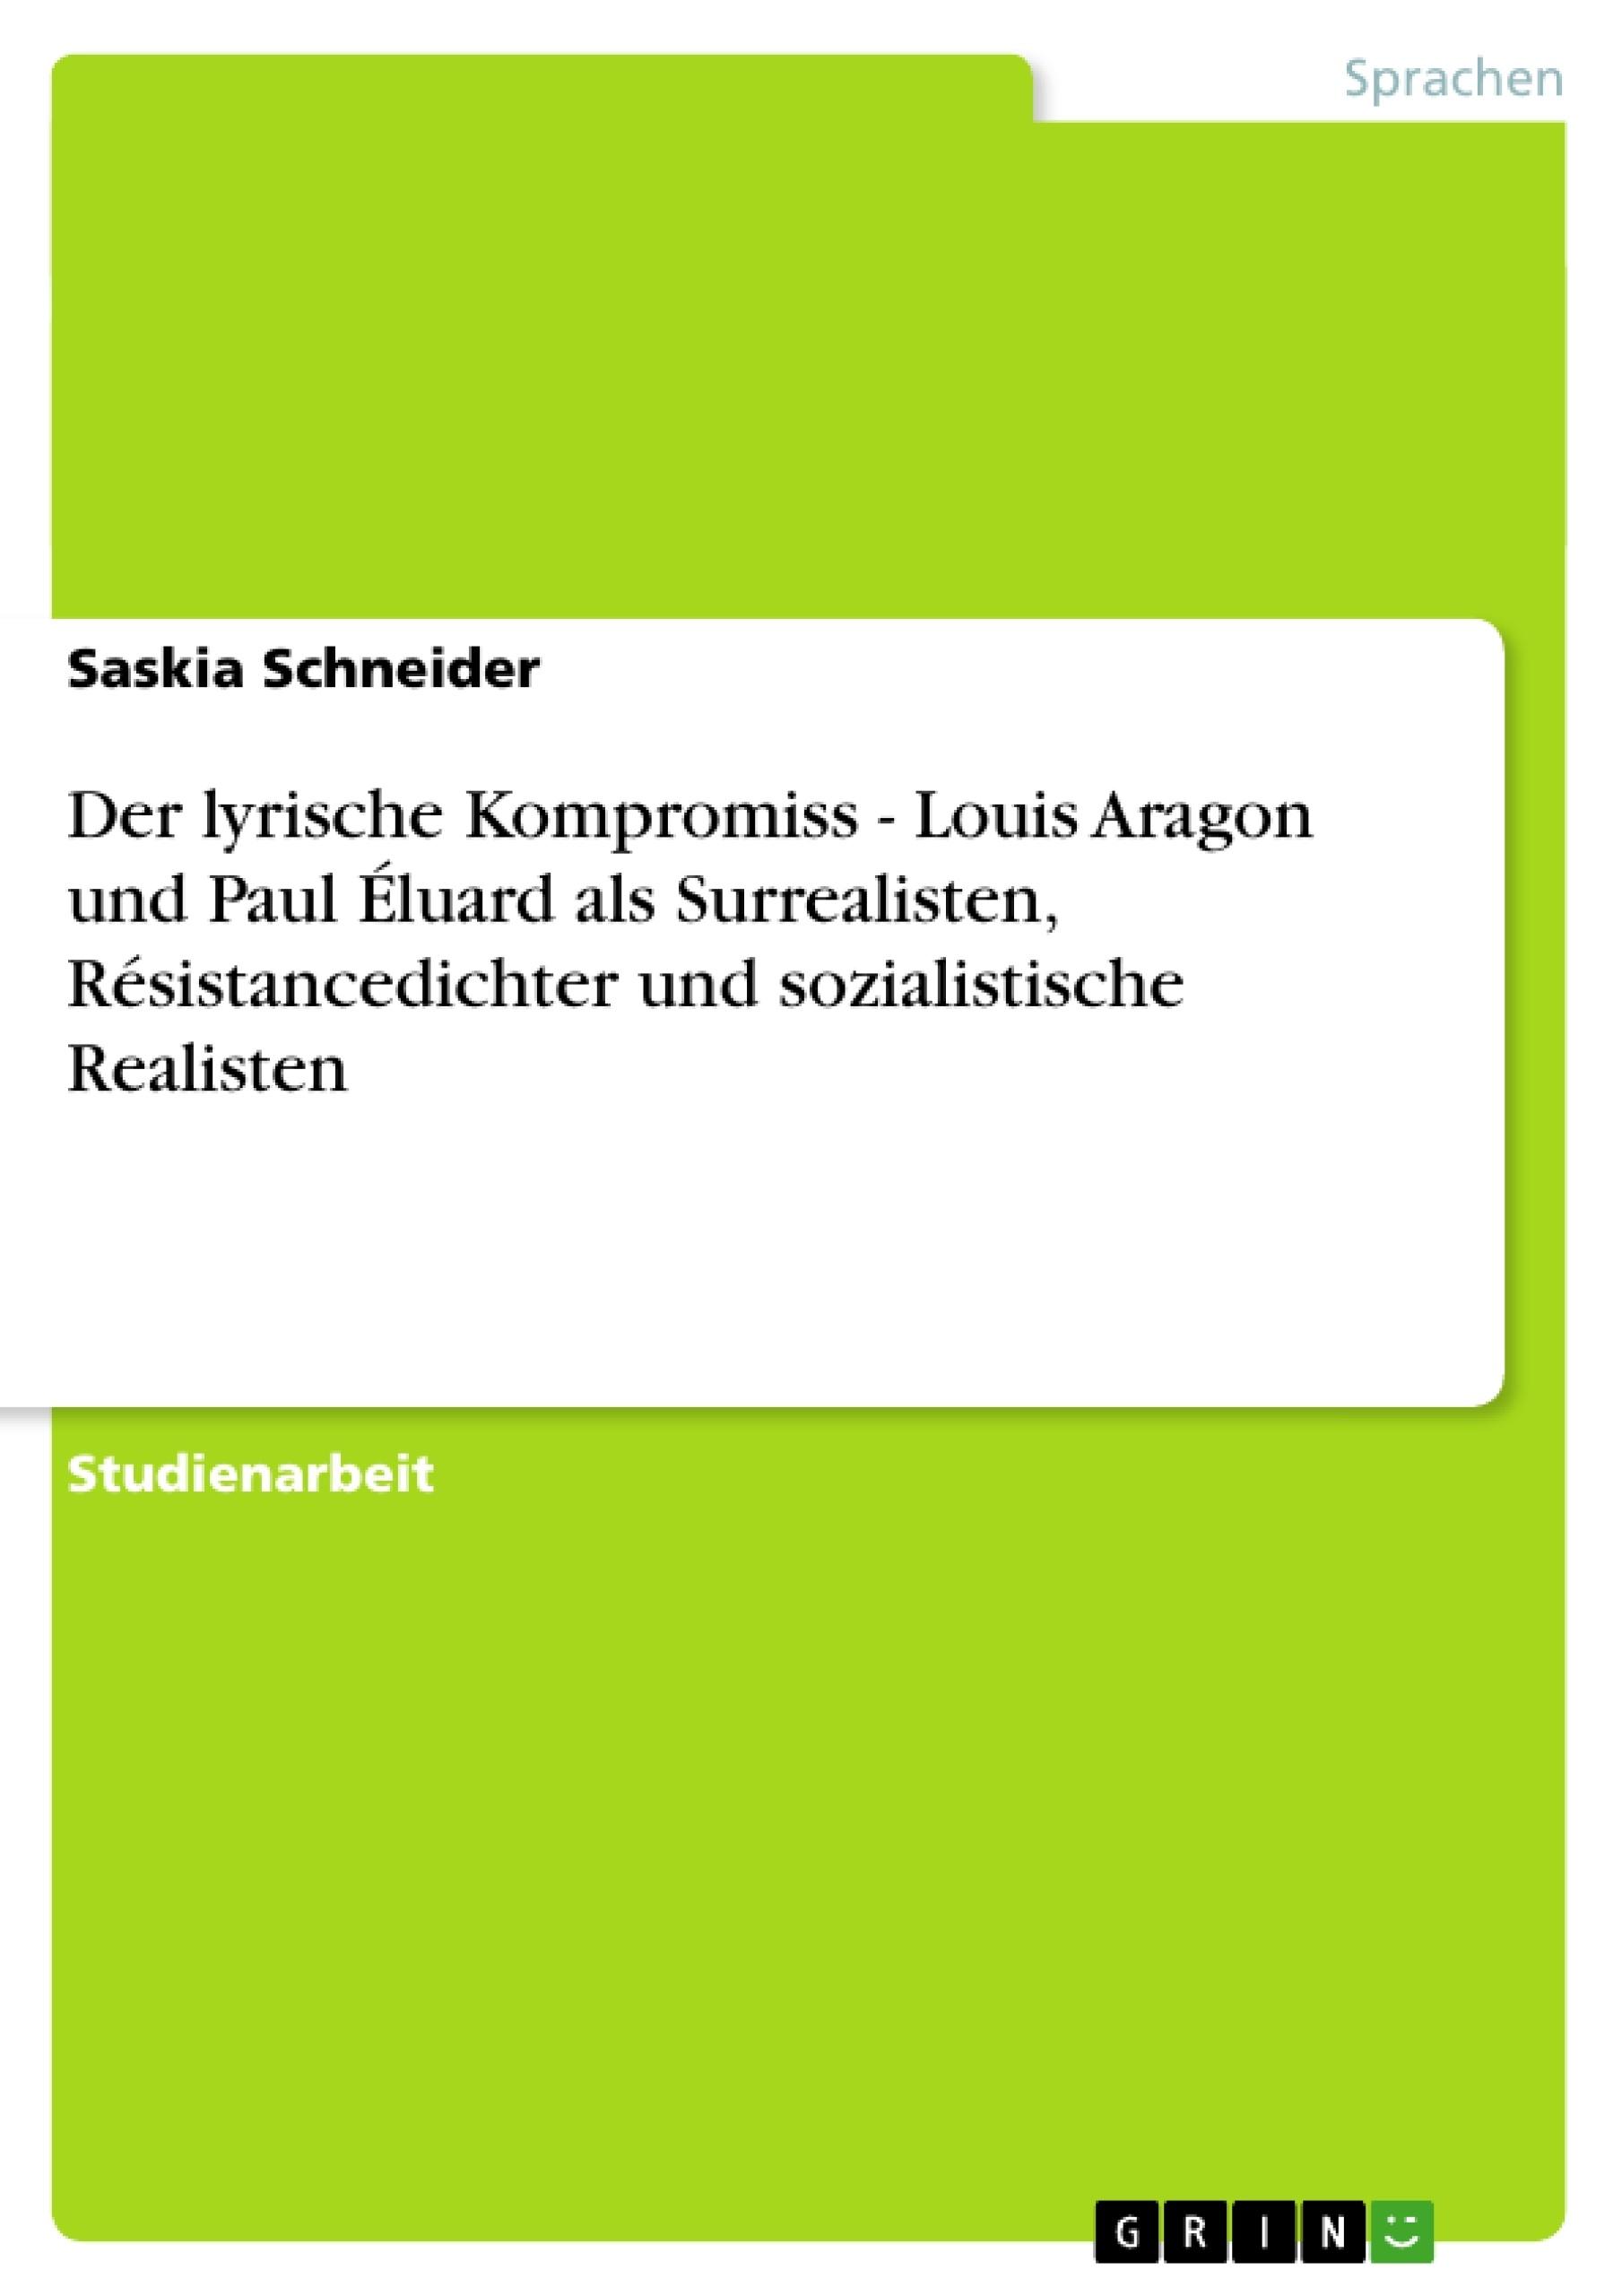 Titel: Der lyrische Kompromiss - Louis Aragon und Paul Éluard als Surrealisten, Résistancedichter und sozialistische Realisten